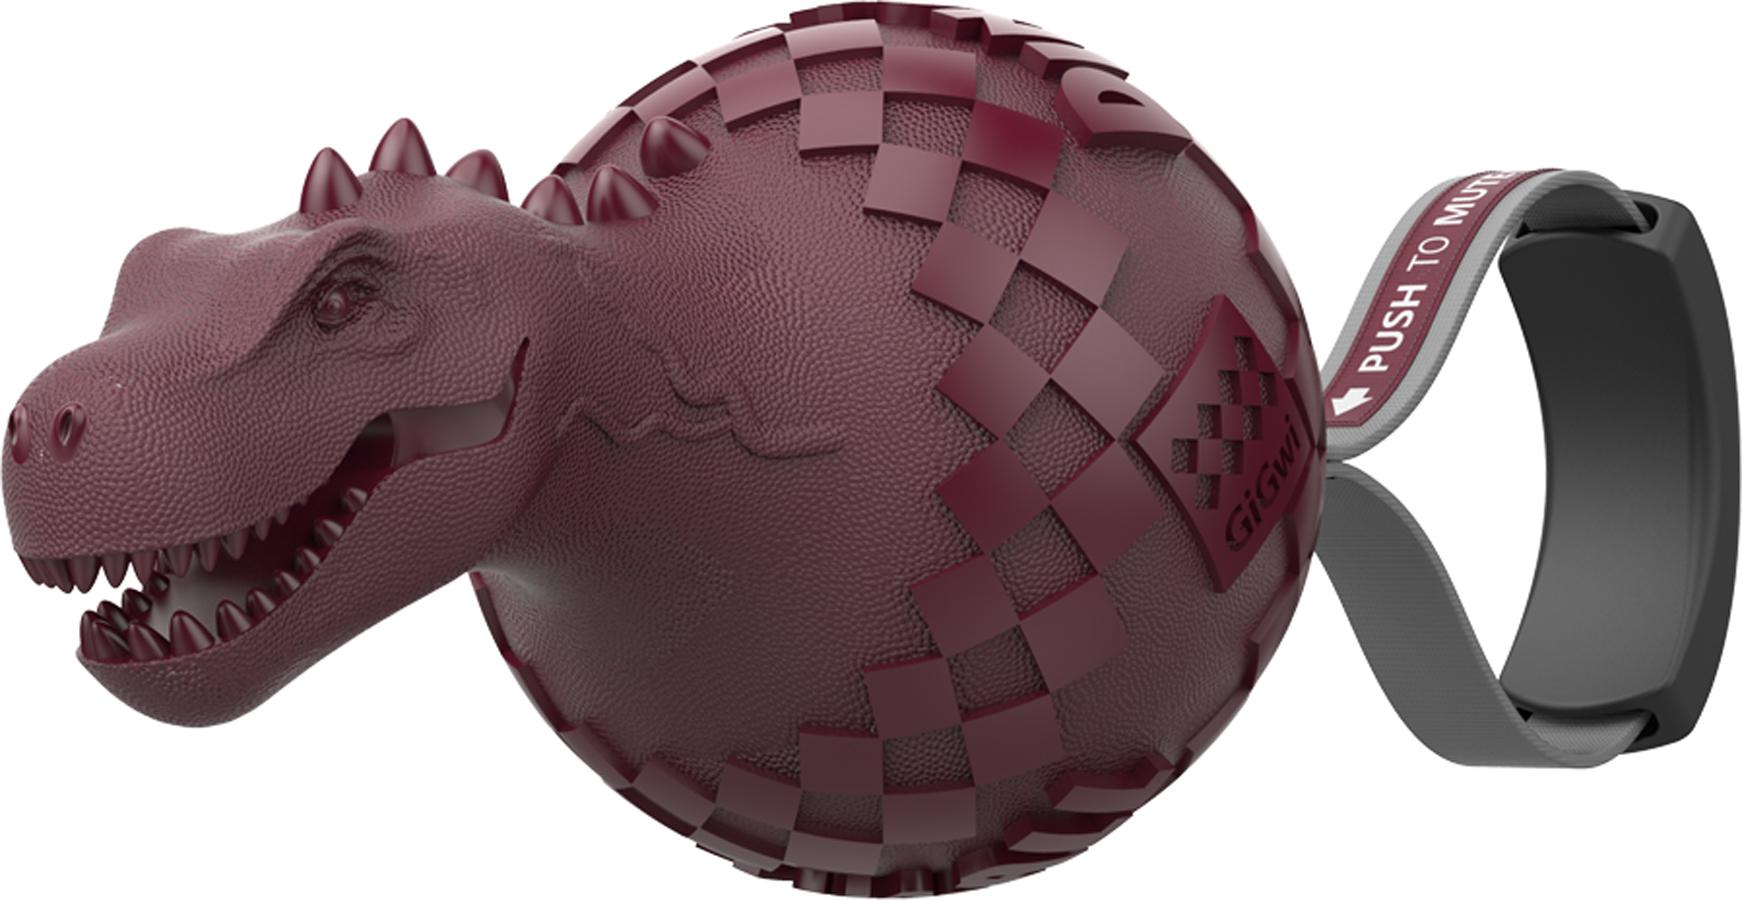 Игрушка для собак GiGwi Динобол Т-рекс, с отключаемой пищалкой игрушка головоломка для собак i p t s smarty 30x19x2 5см